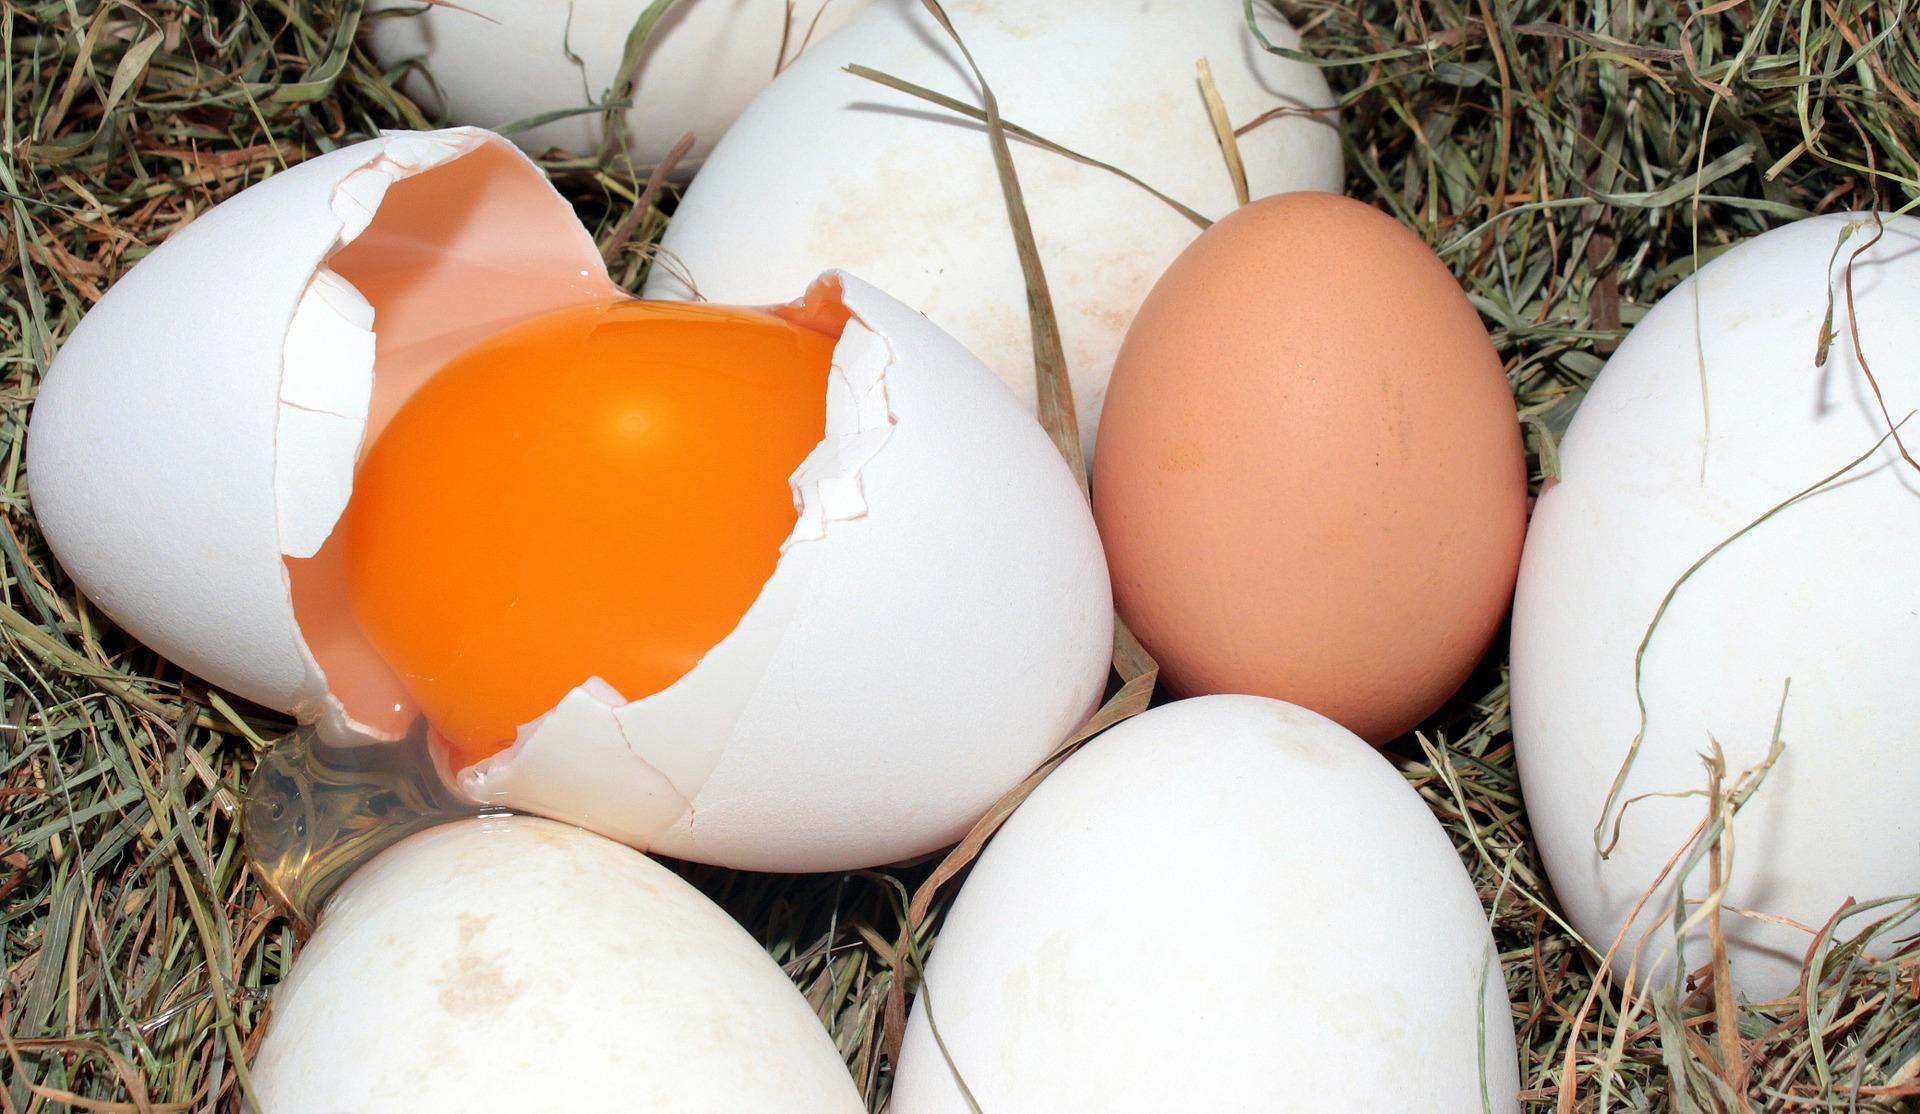 Hens Eating Eggs